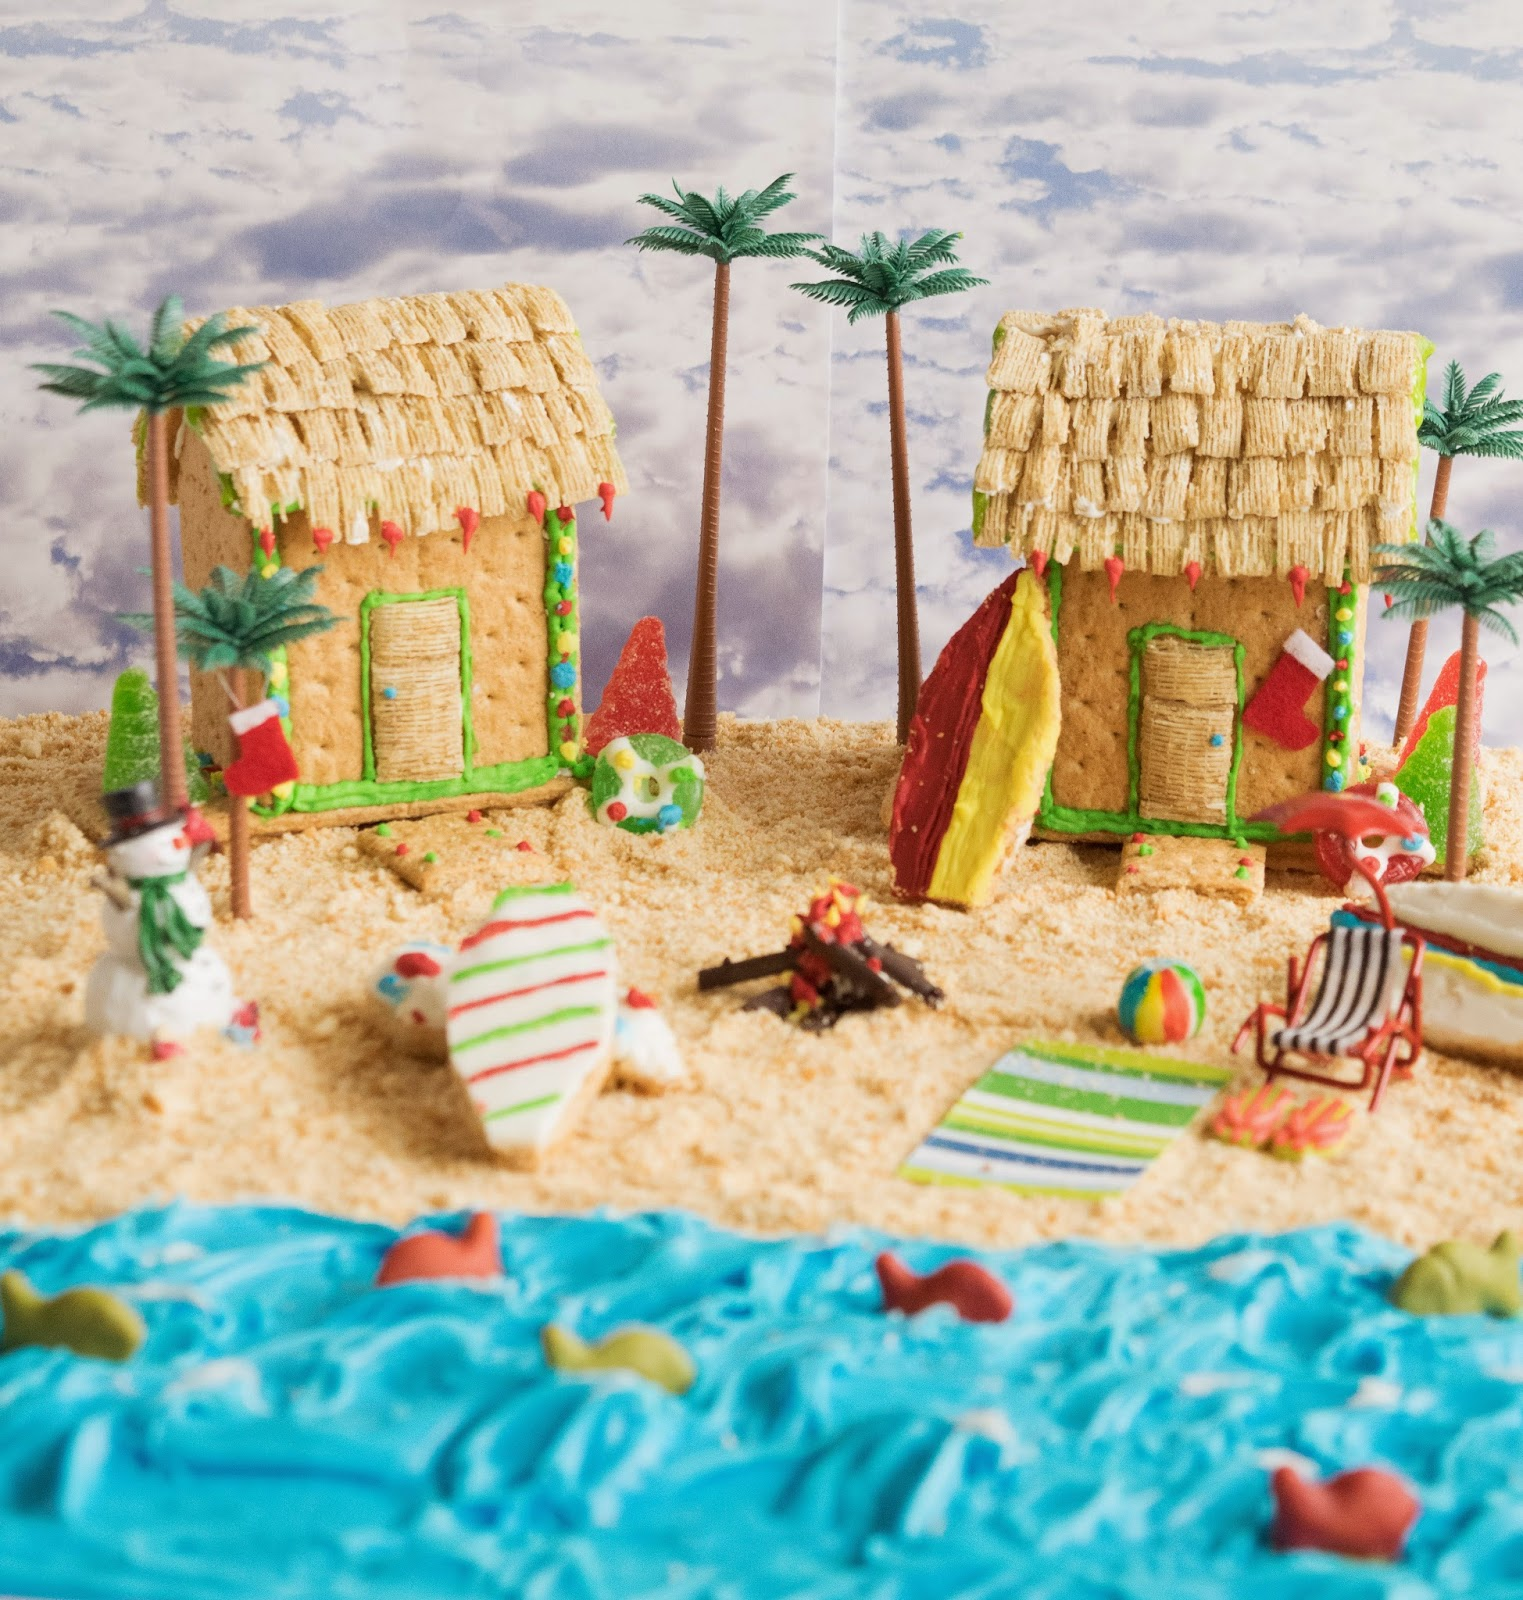 Graham cracker beach house & peanut butter cookie surfboards